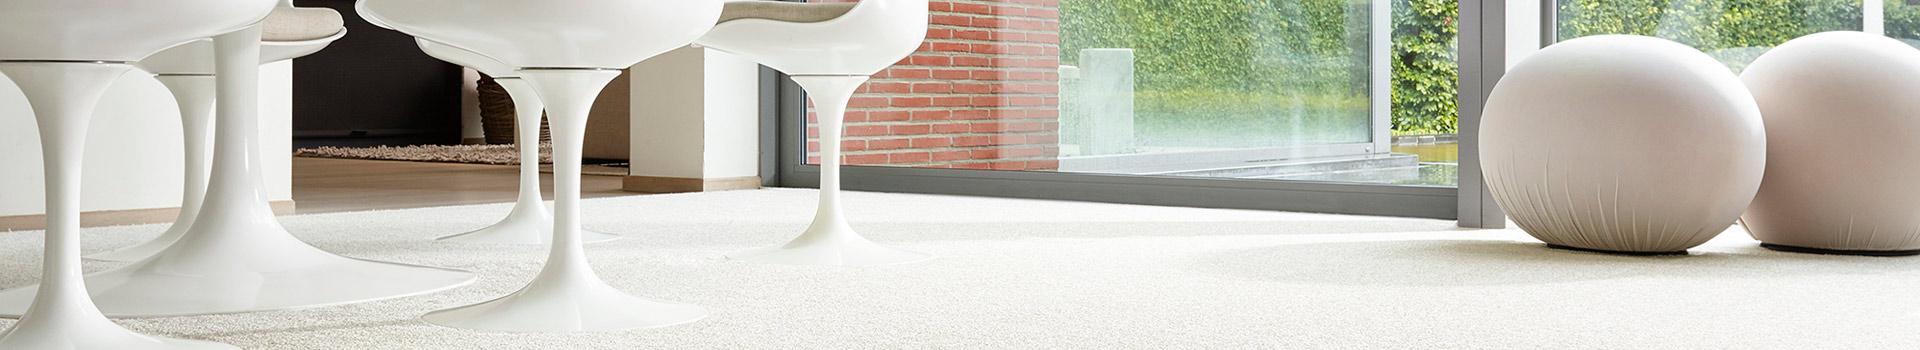 Nieuw-tapijt-kopen-voor-je-woning